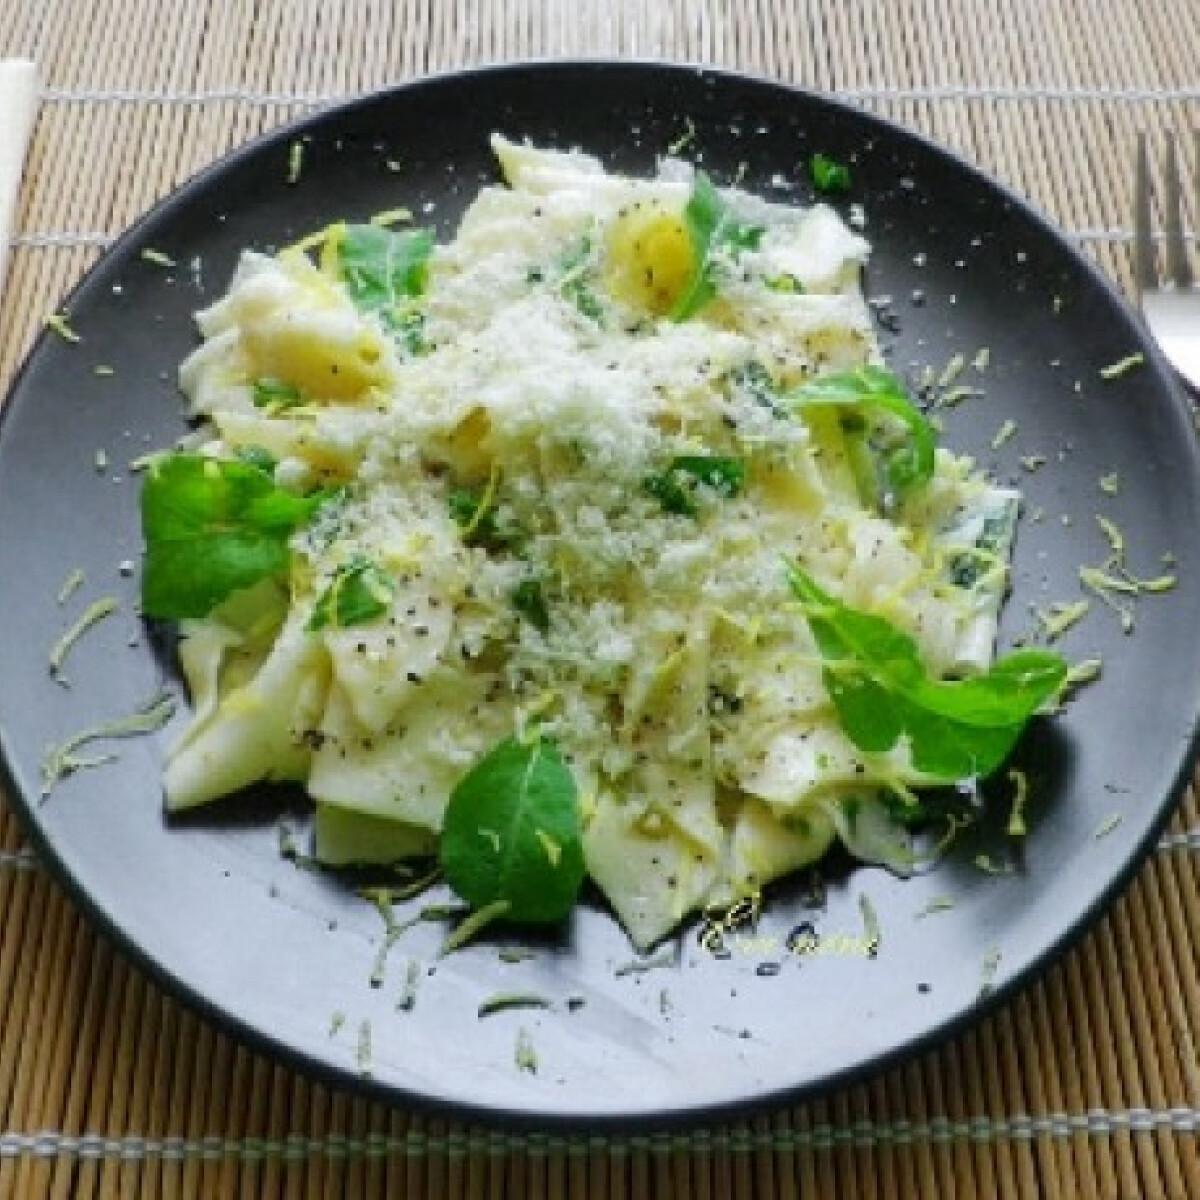 Ezen a képen: Tagliatelle al limone - citromos tészta